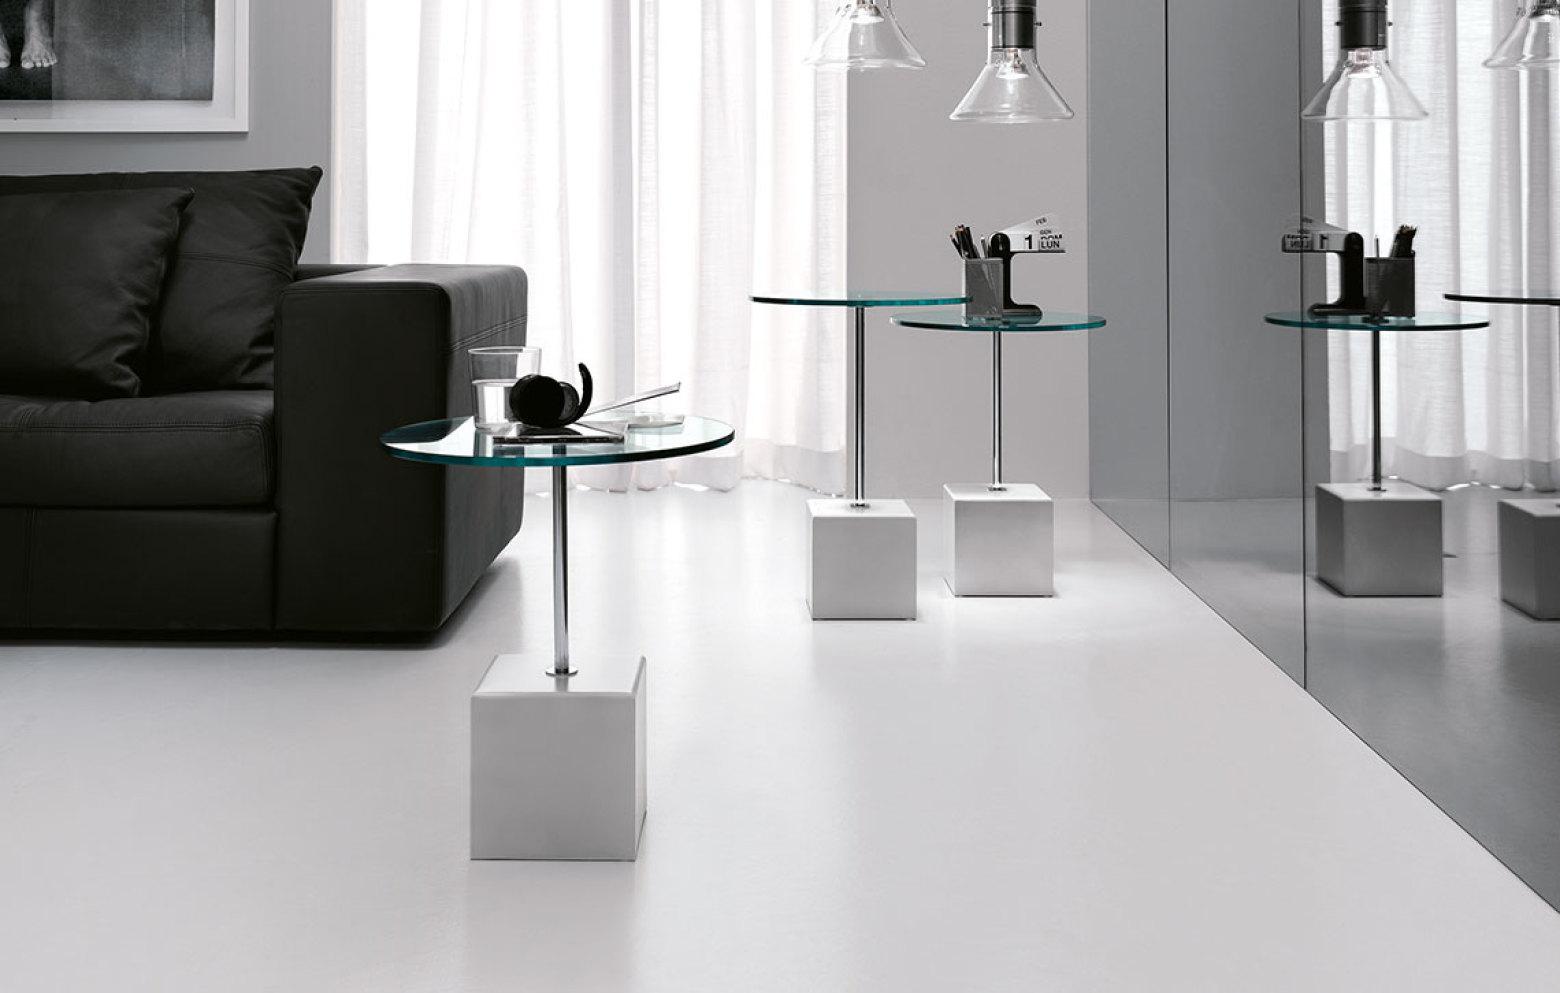 axo beistelltische kleinm bel accessoires who 39 s. Black Bedroom Furniture Sets. Home Design Ideas